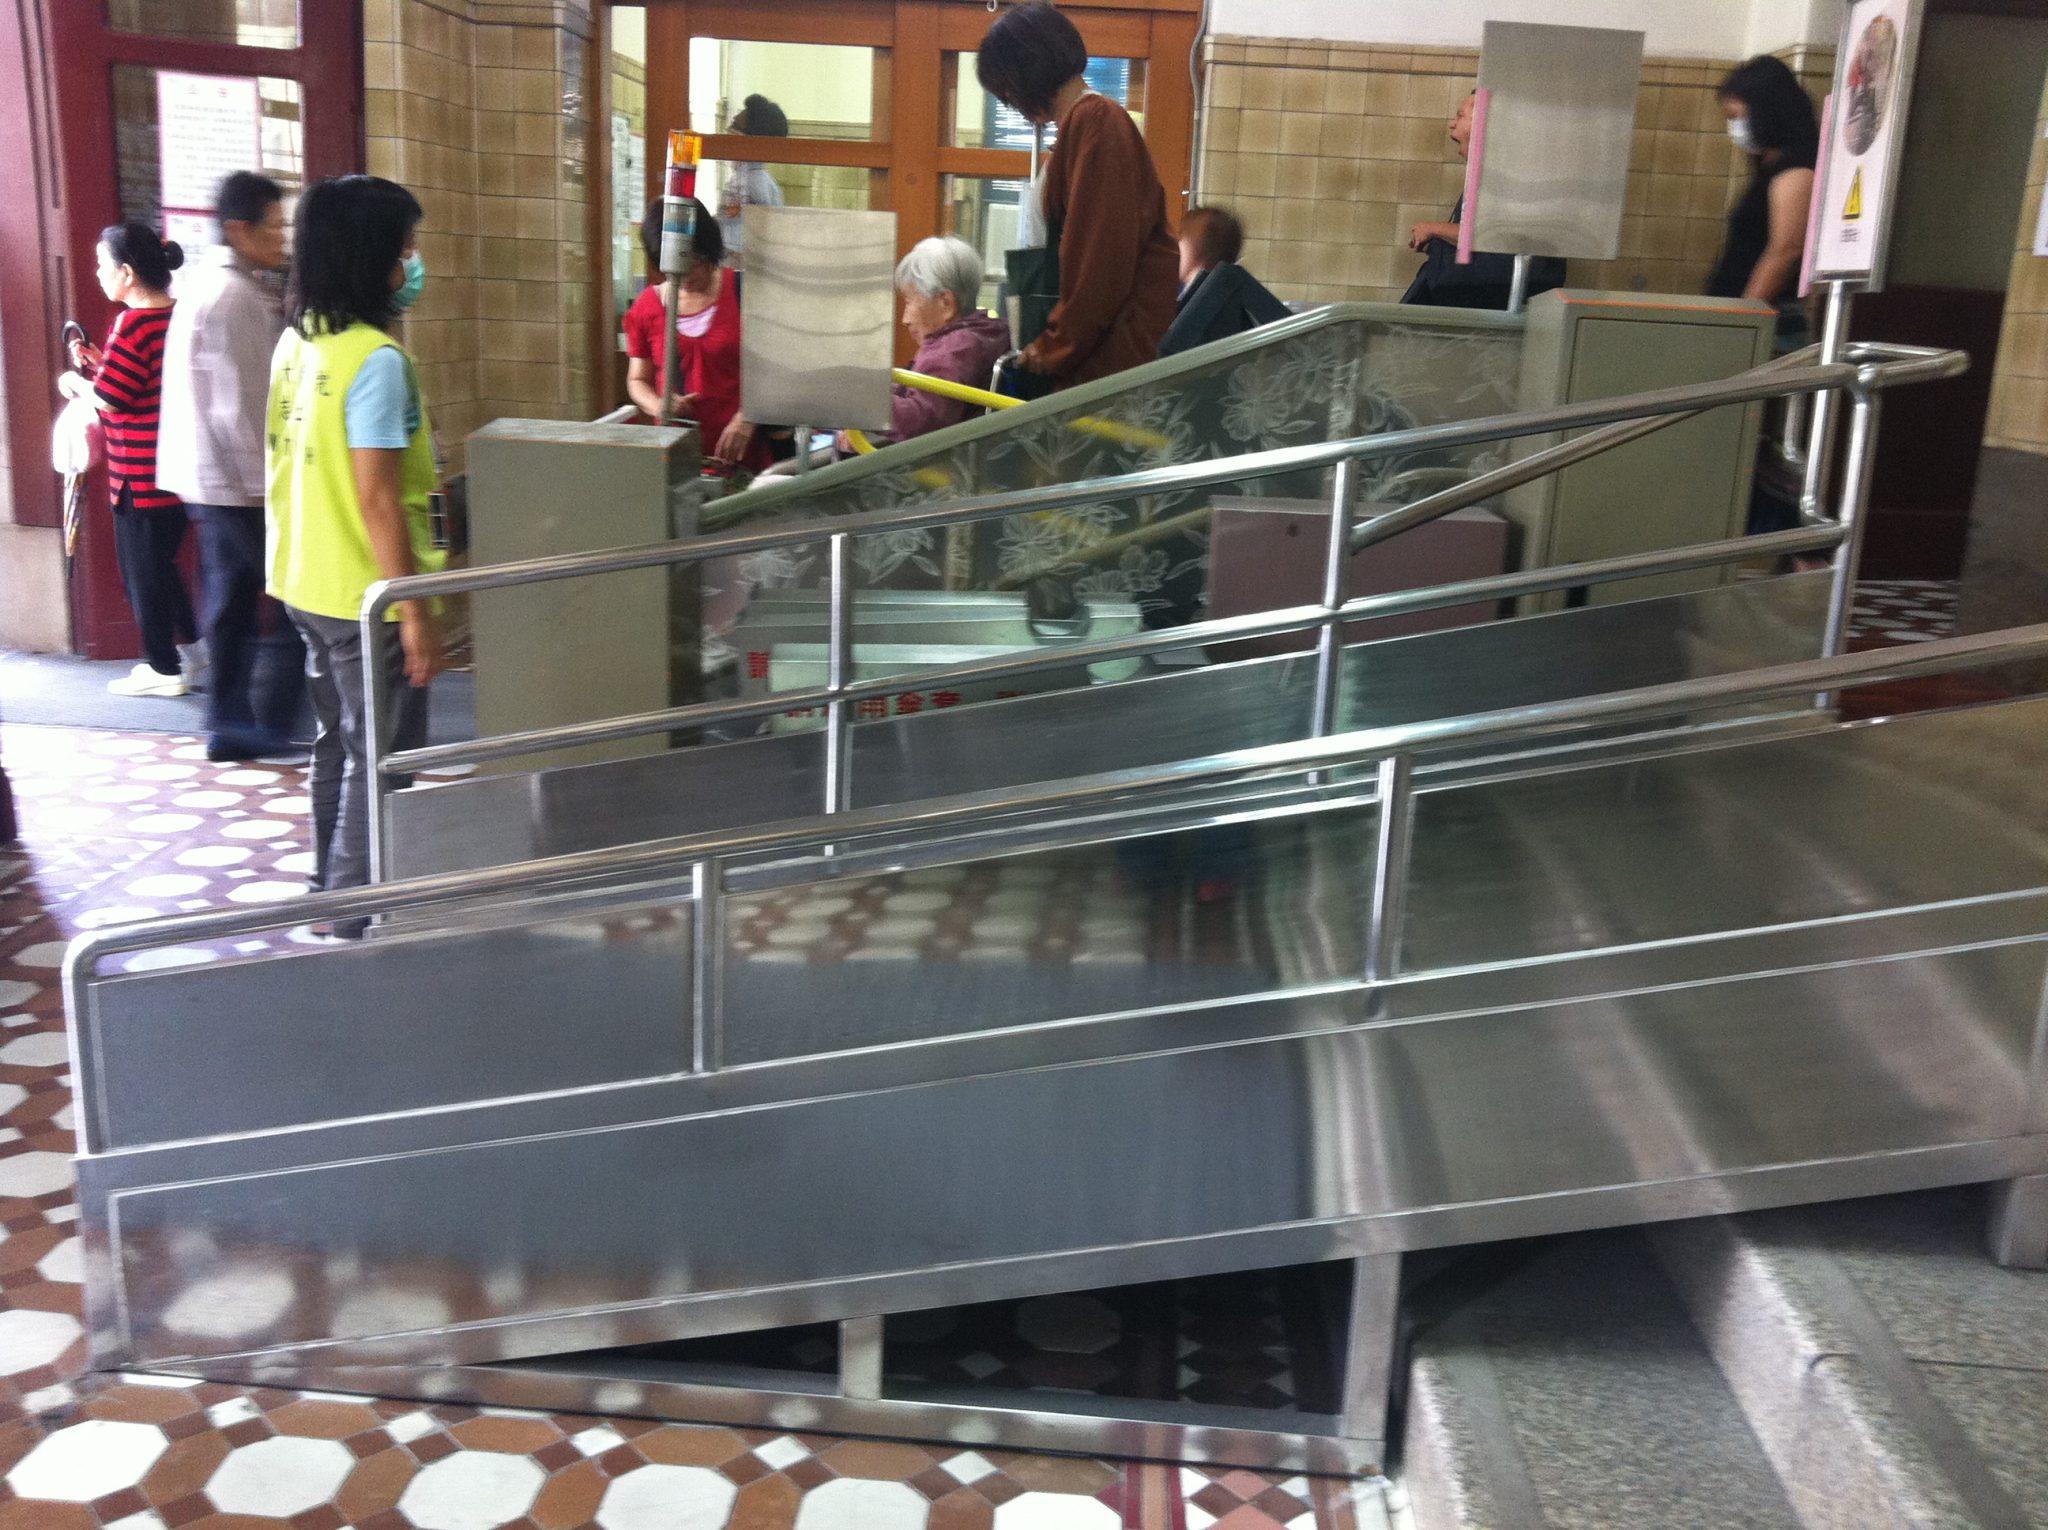 醫院門口有輪椅使用者正經過斜坡